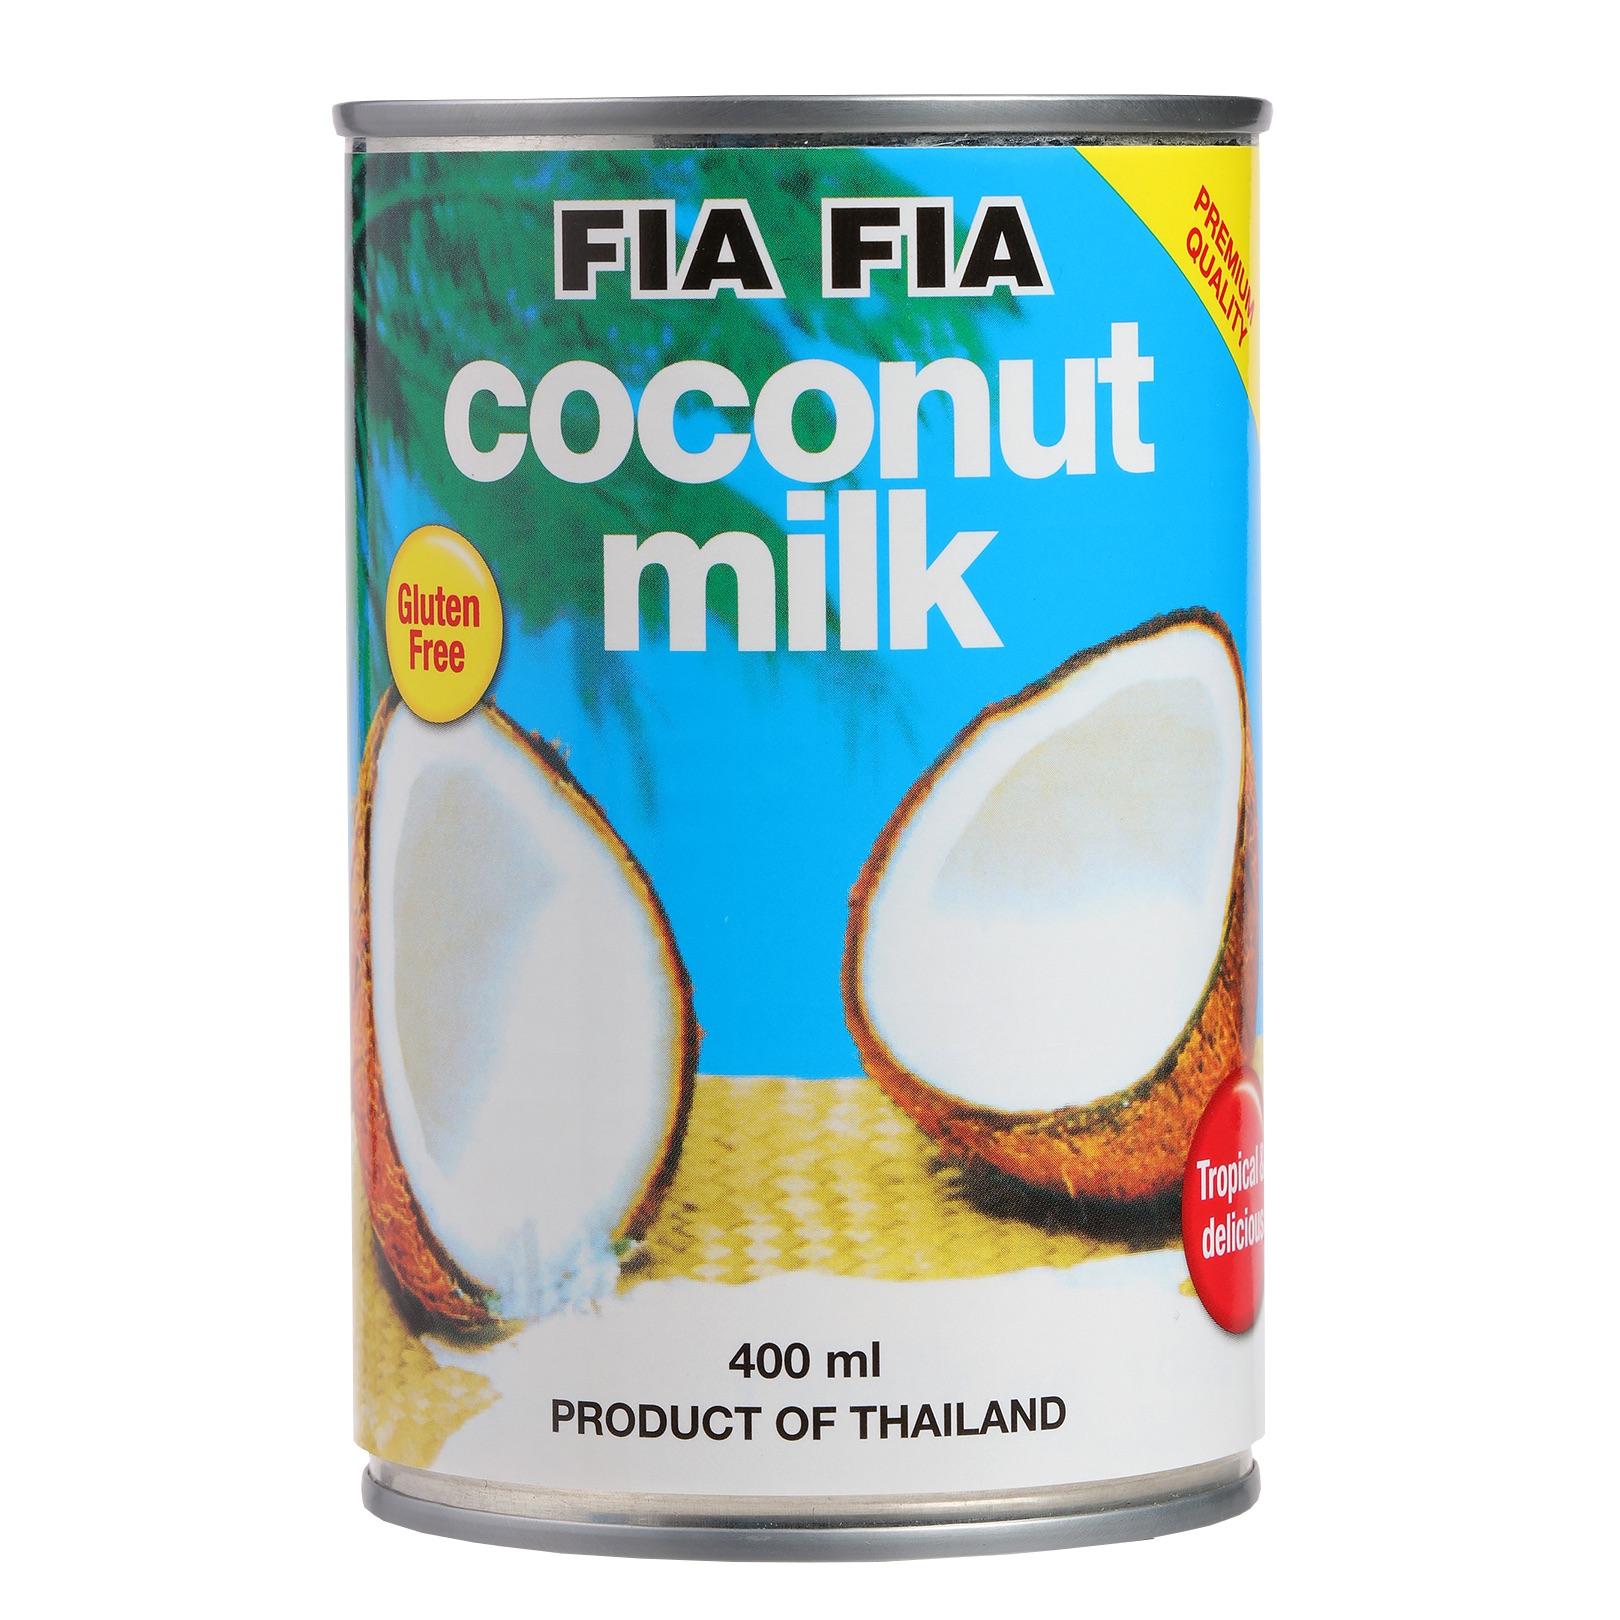 Coconut milk or cream (FIa Fia)